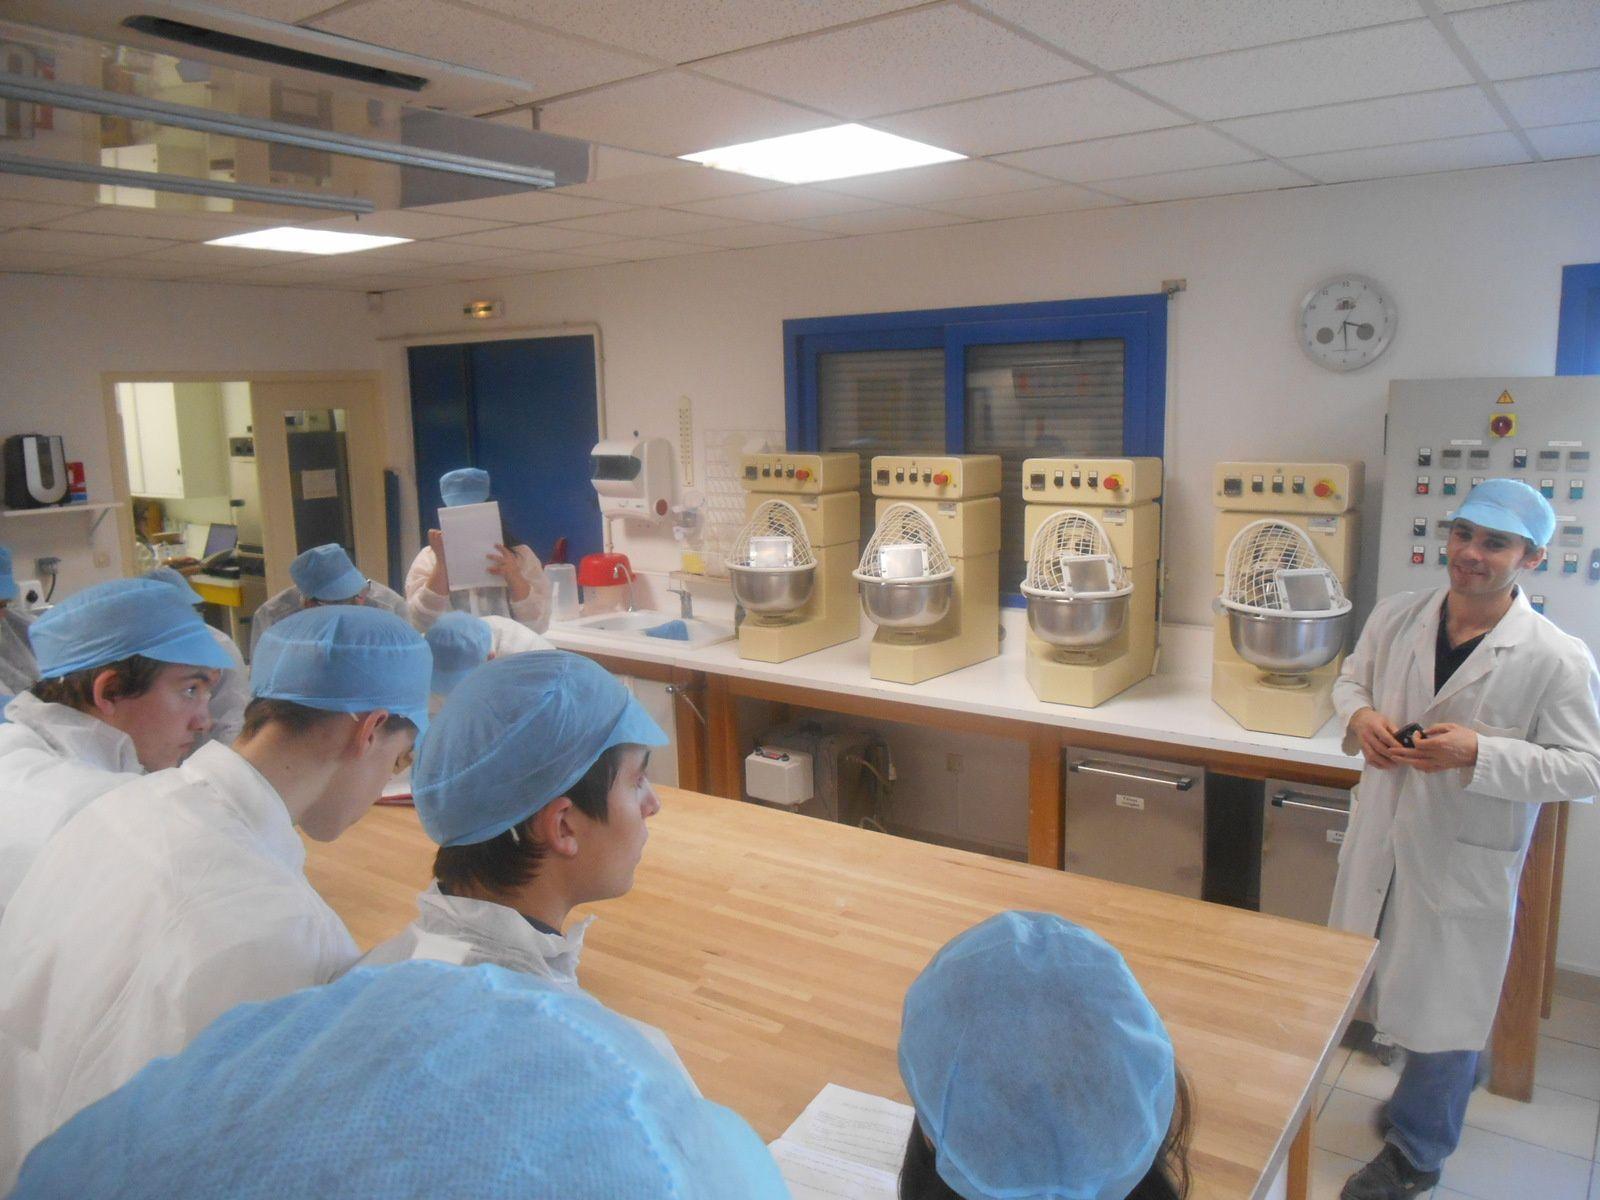 Viennent ensuite les essais de panification qui déterminent les réactions physiques et techniques de la pâte.